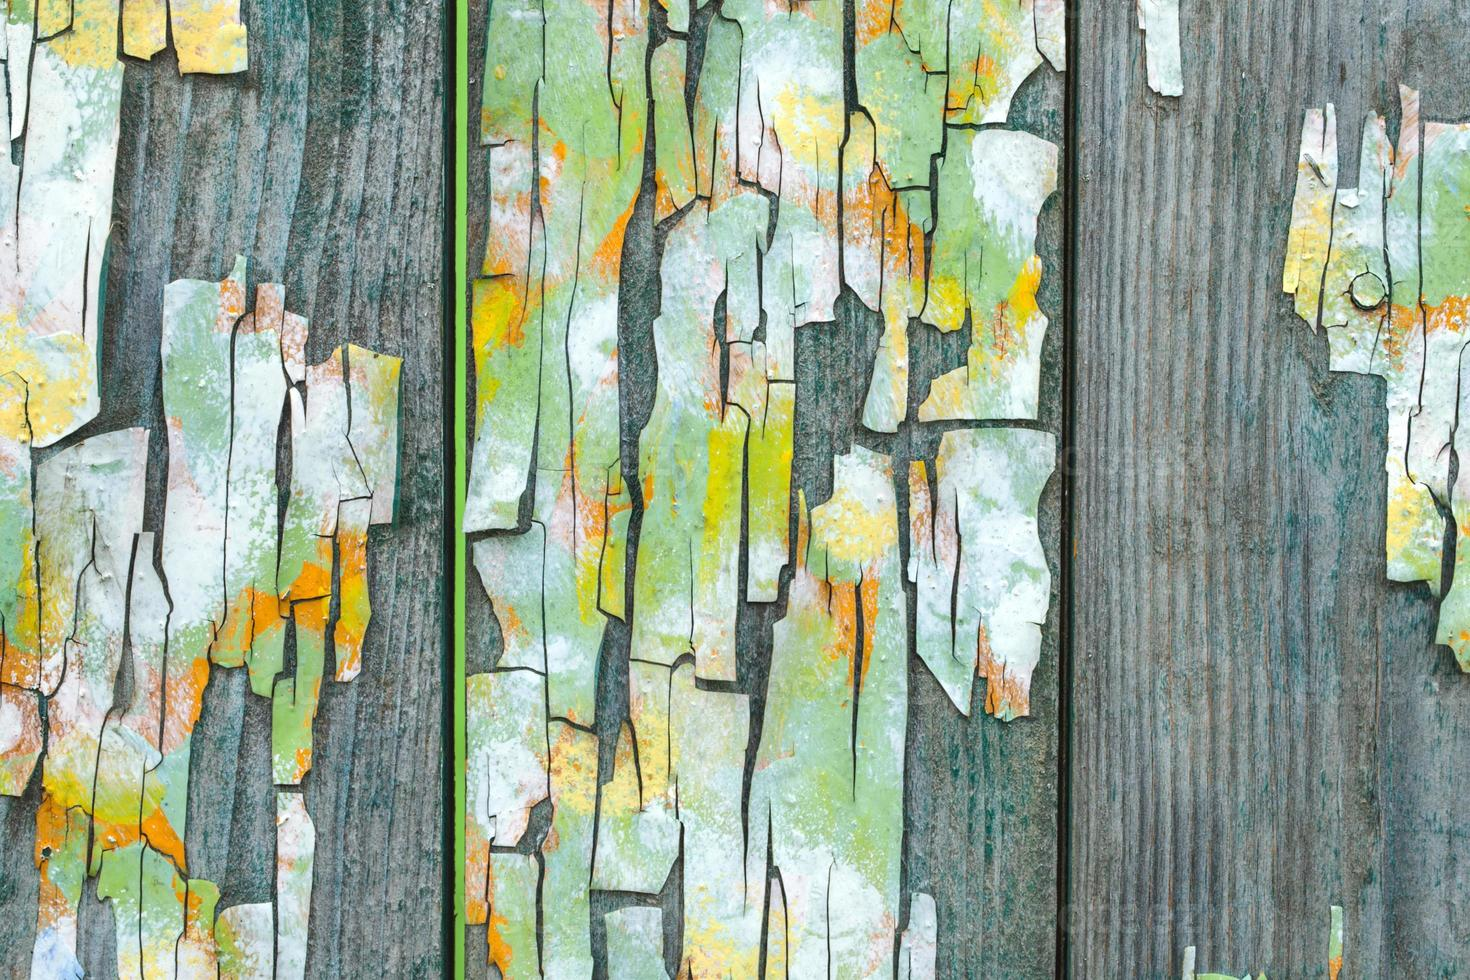 textura de painéis de madeira do grunge foto